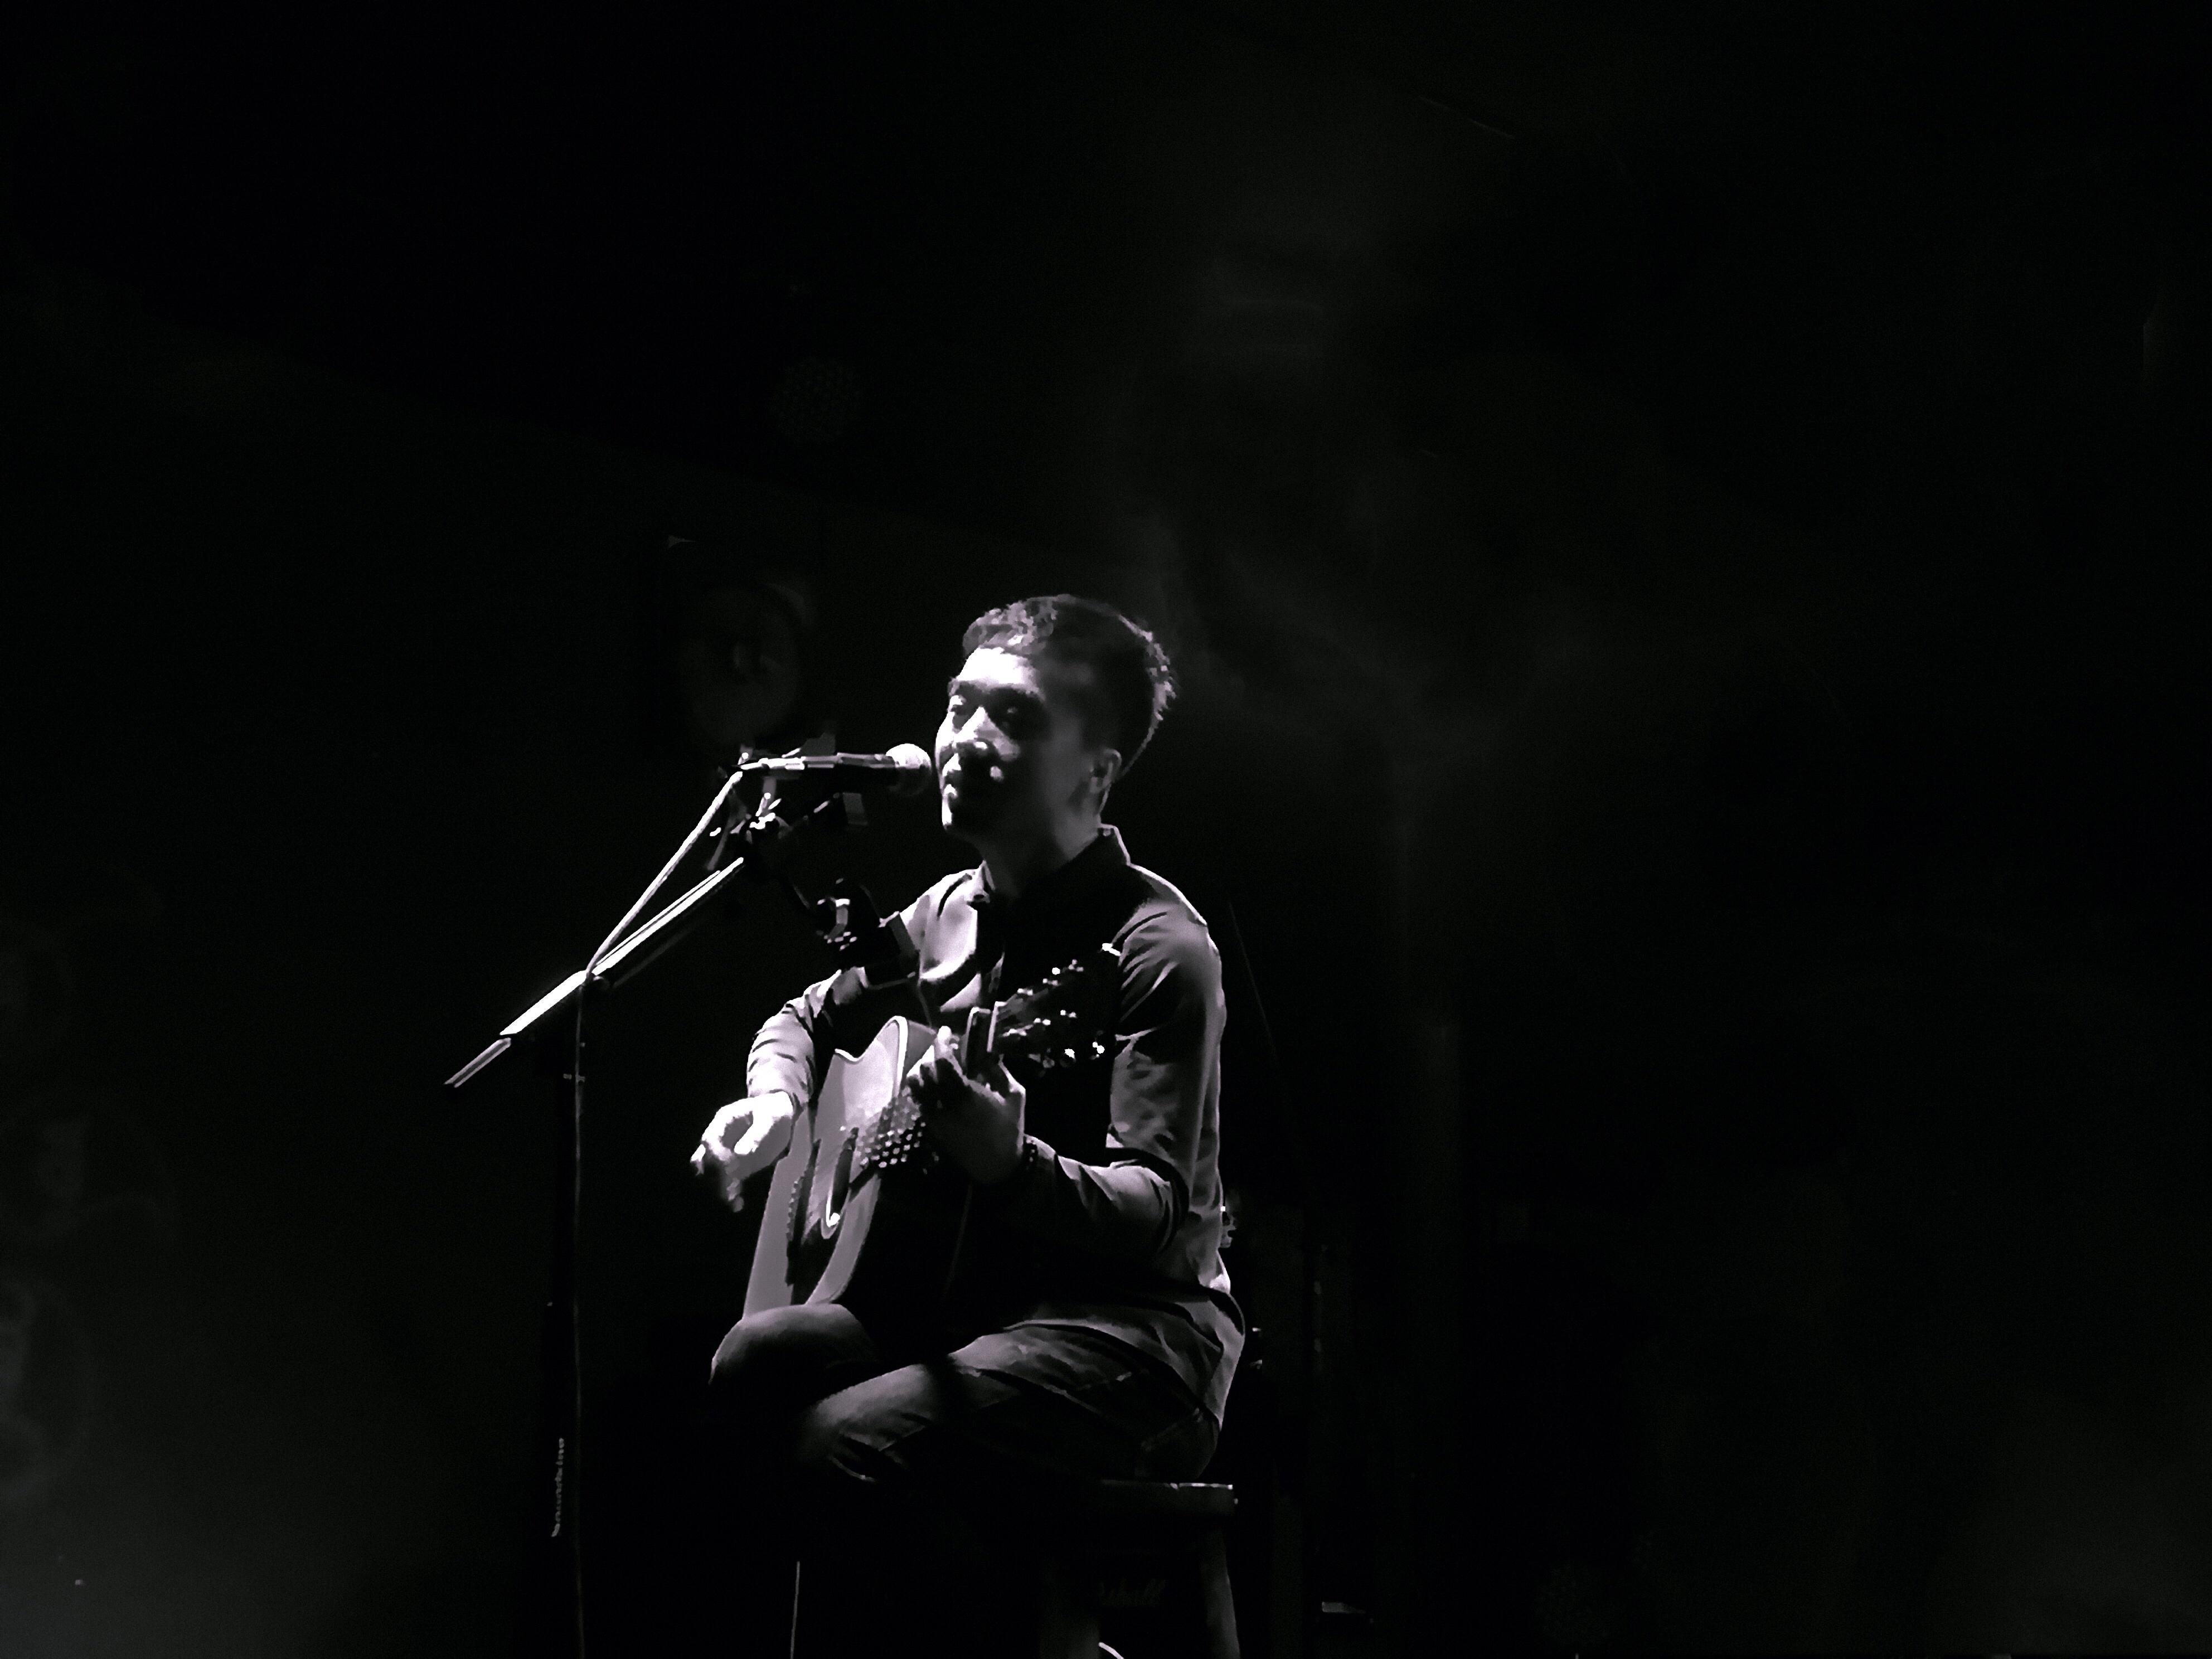 十年的沉淀,这个人的歌声里藏着过往的诗